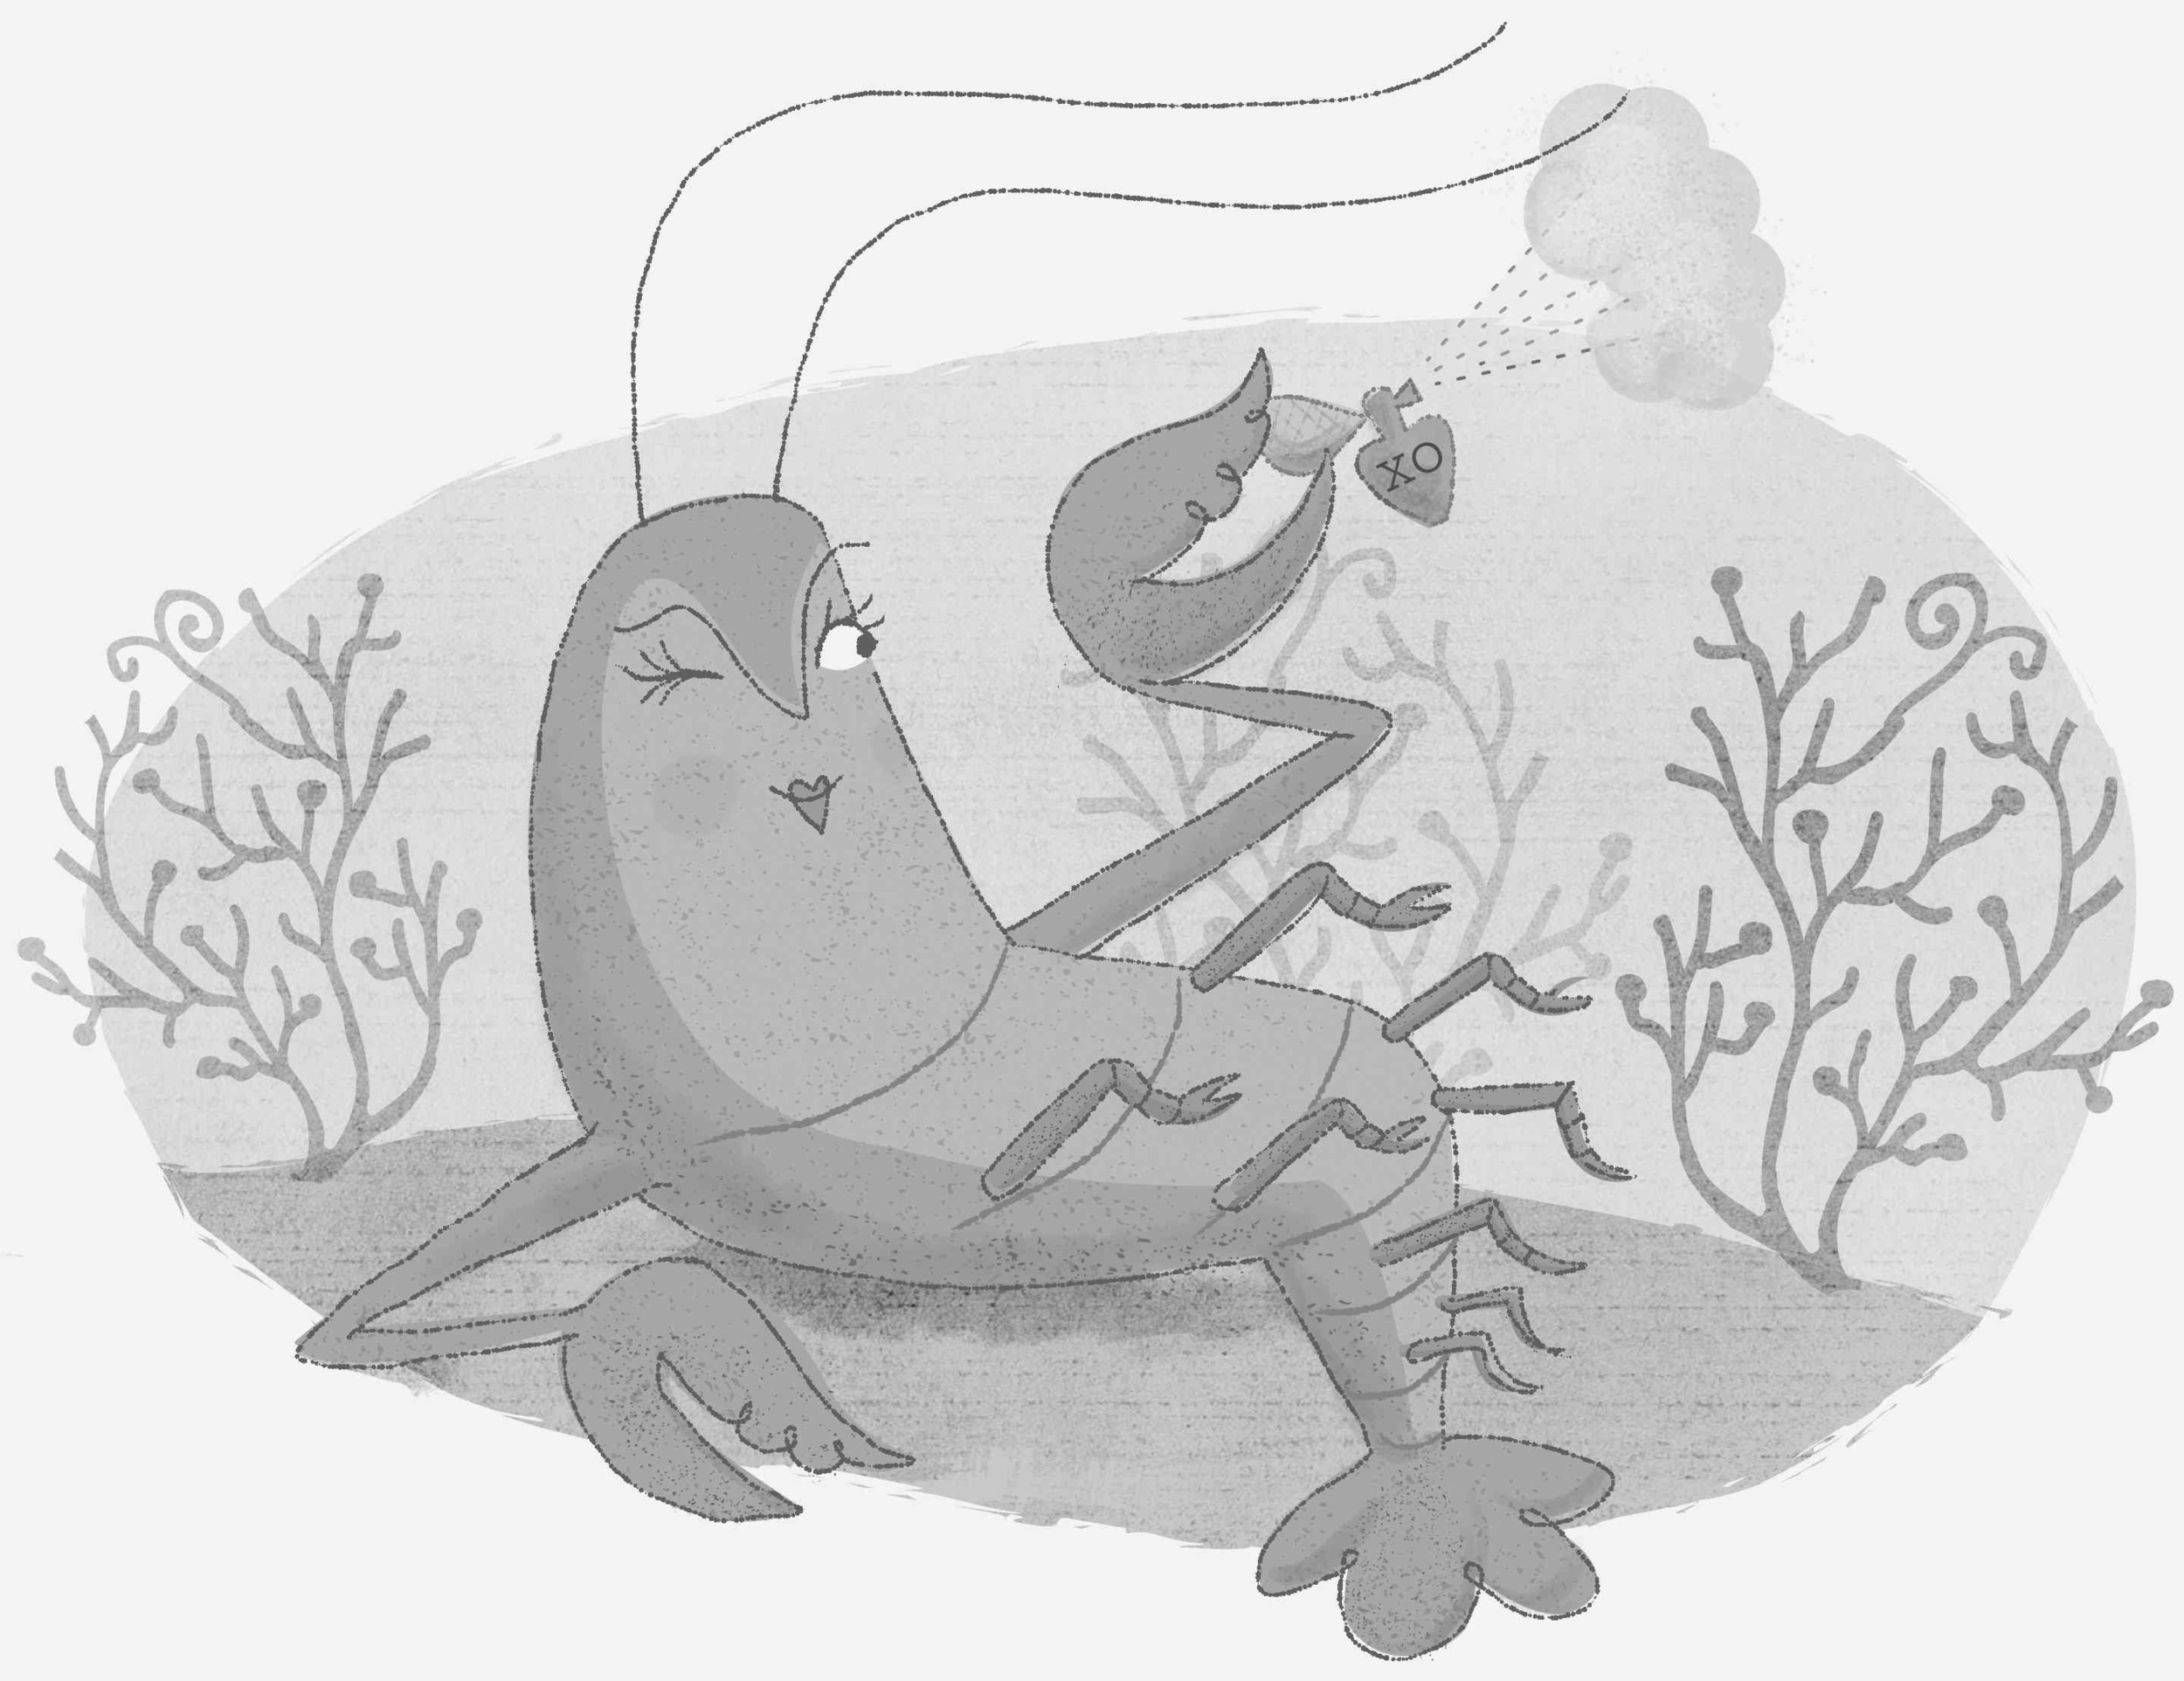 Illustration by missy chimovitz, fiftyfootgirl.com